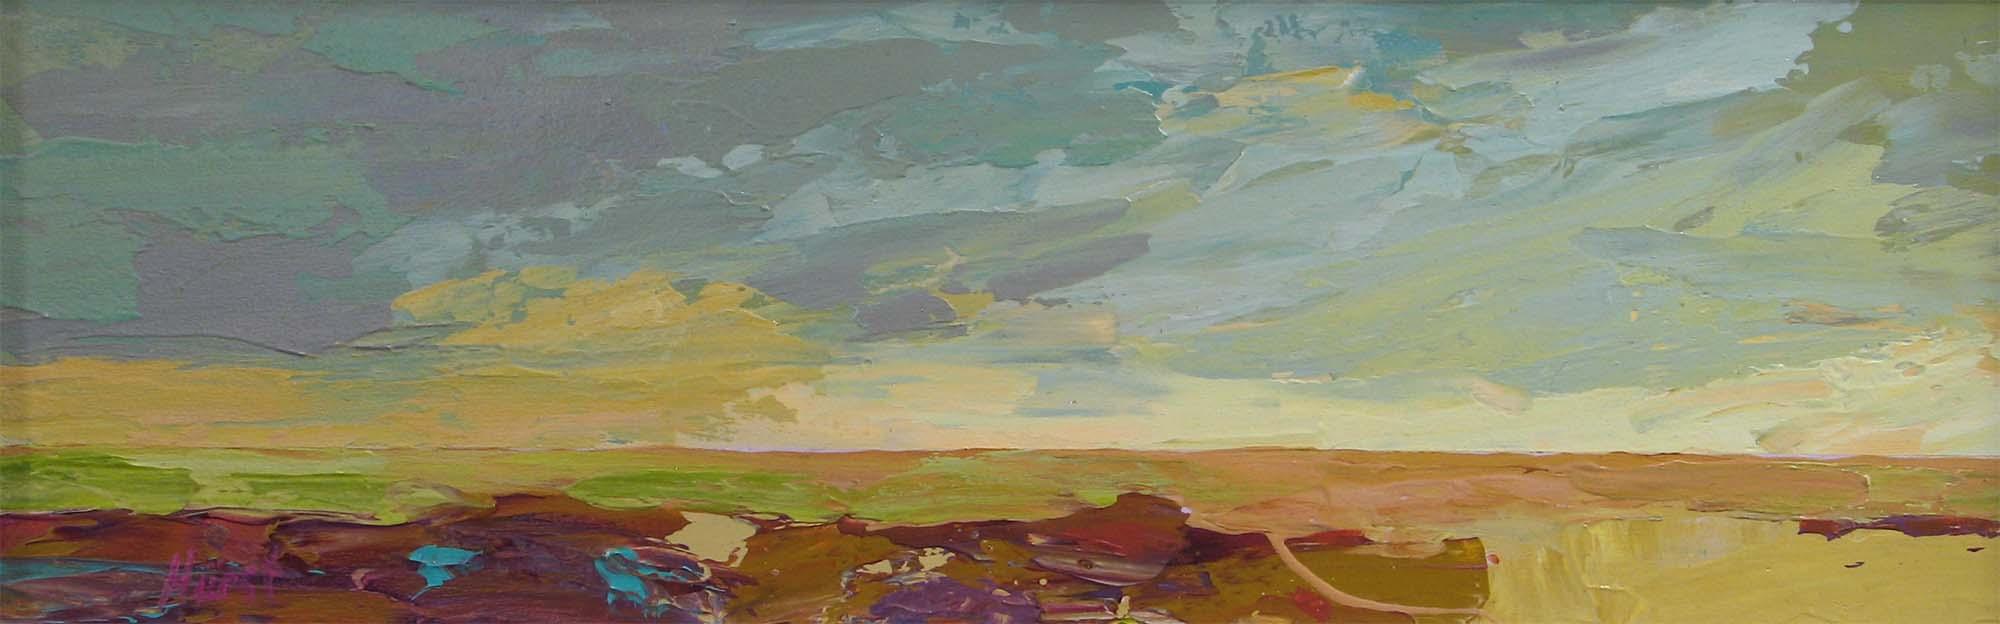 Fallow Fields - Marilyn Hurst